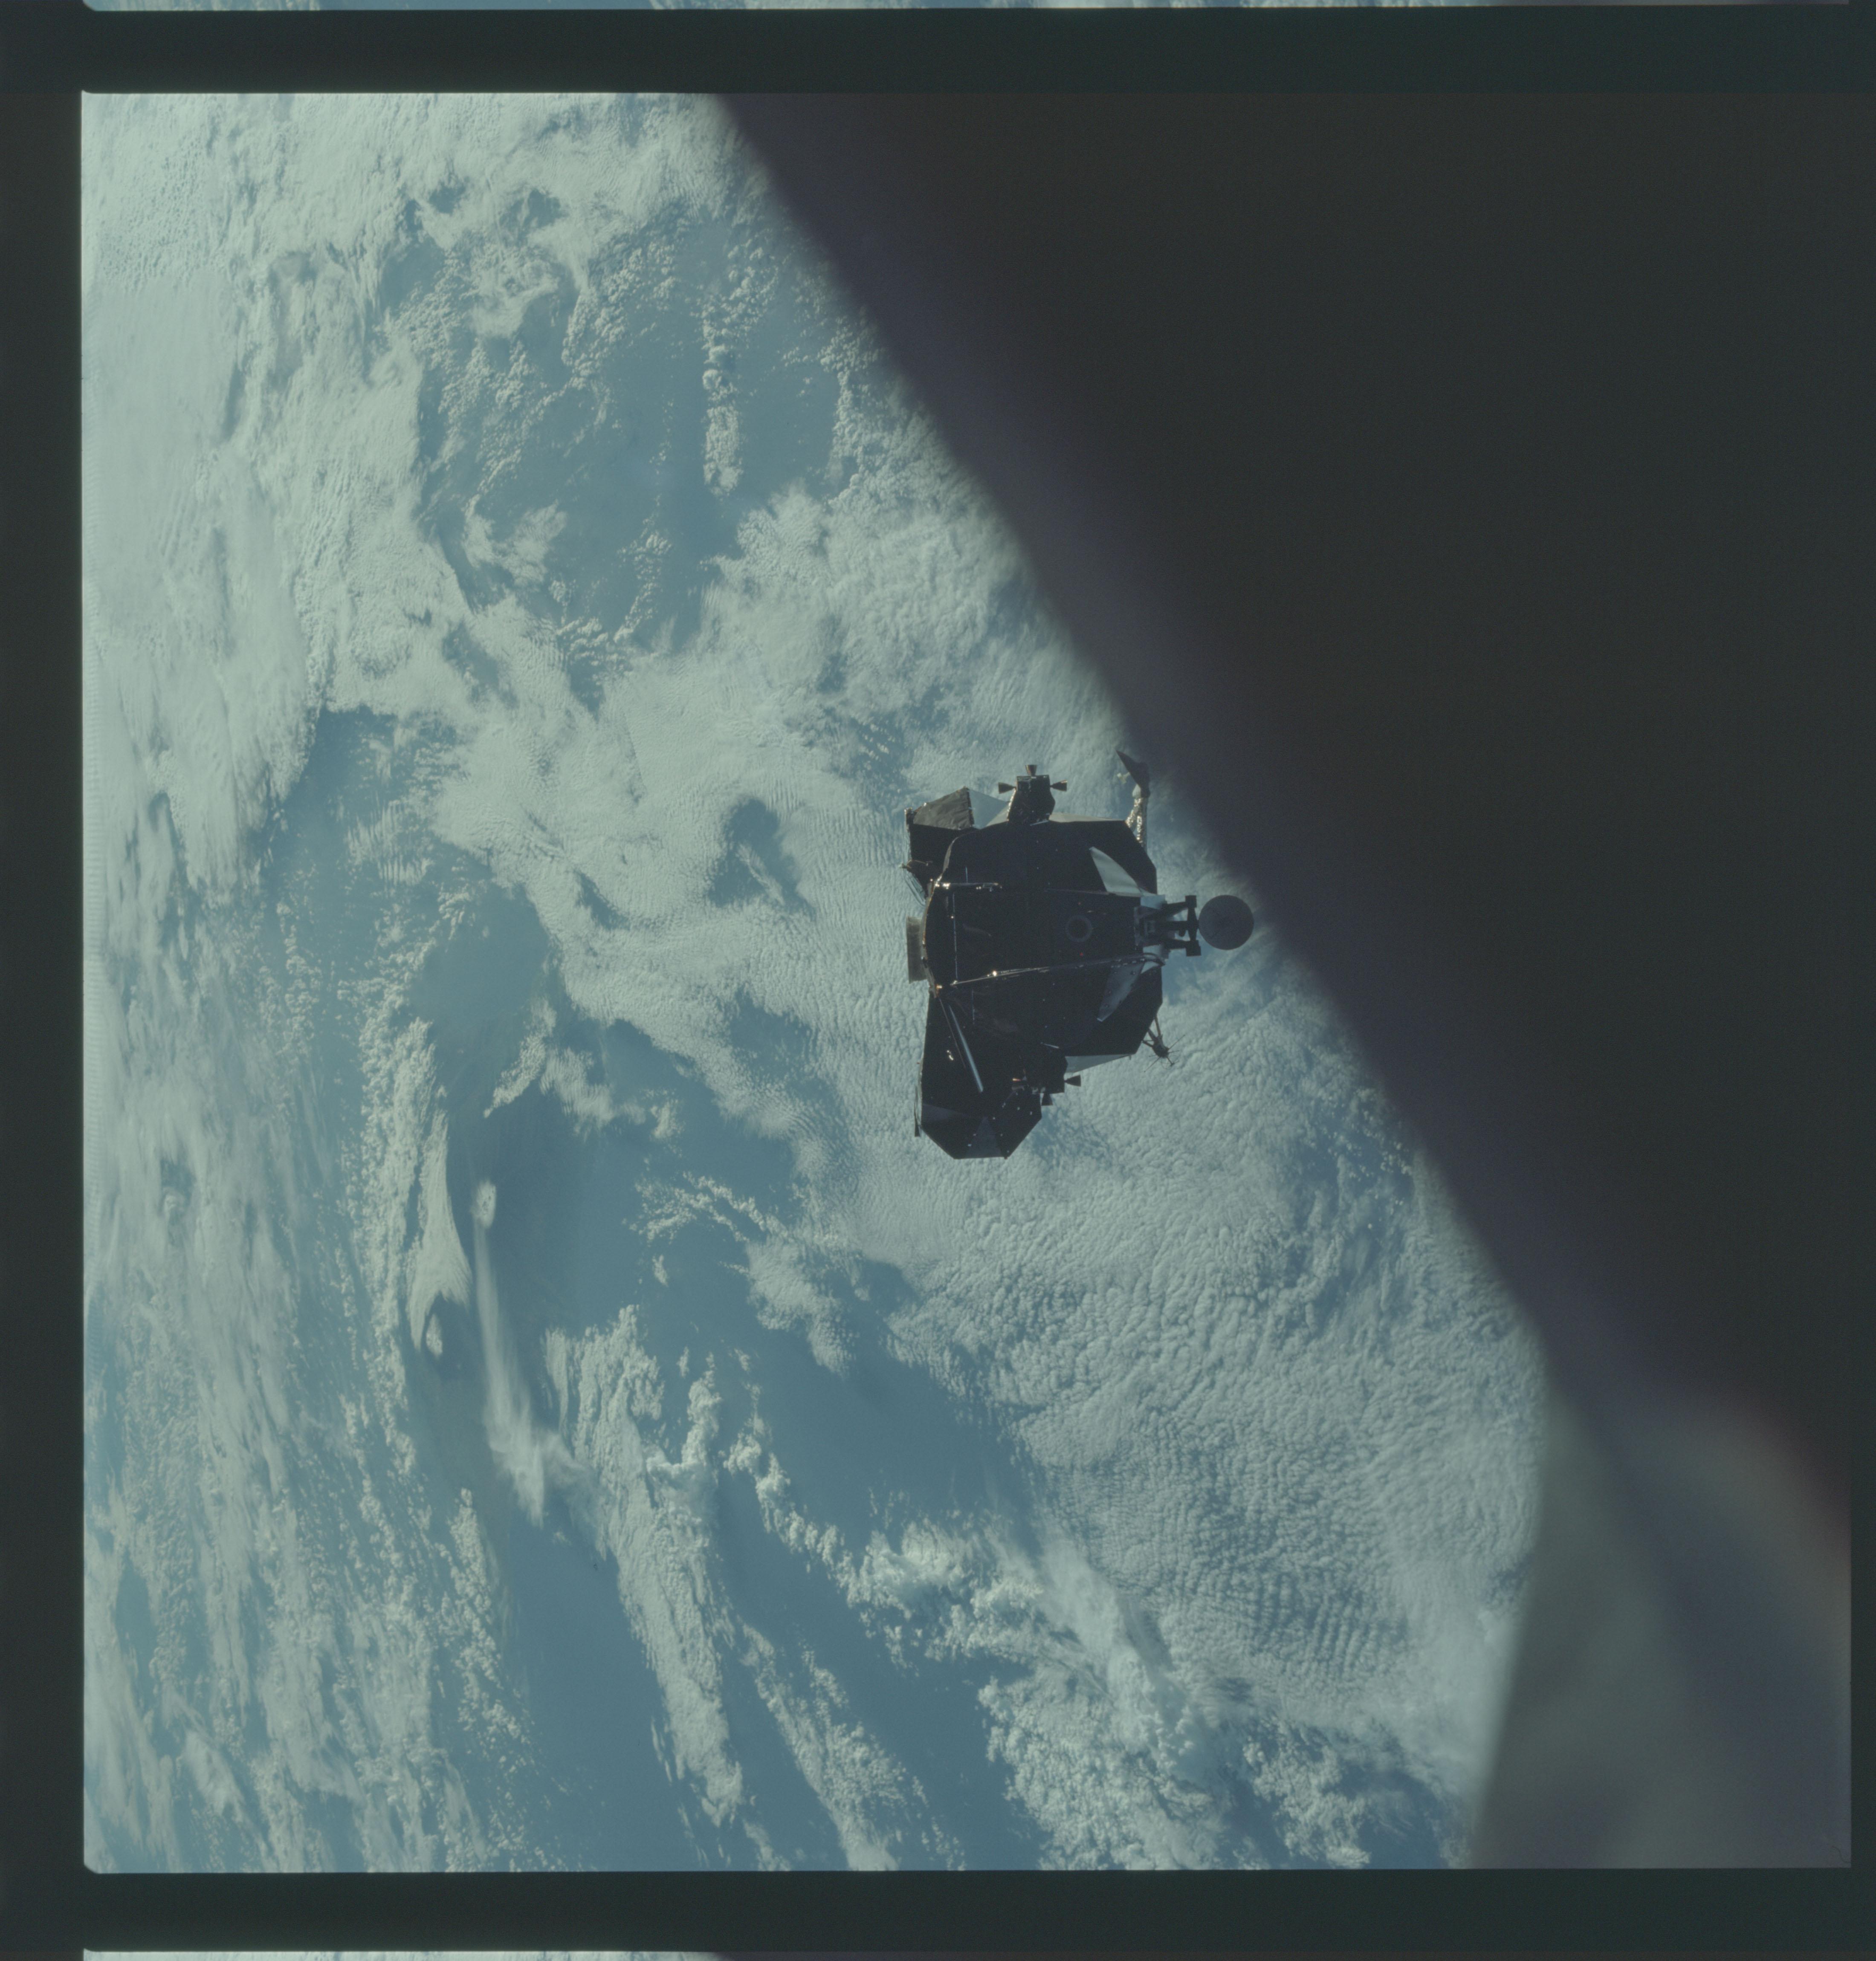 AS09-21-3233 - Apollo 9 - Apollo 9 Mission image - Lunar Module